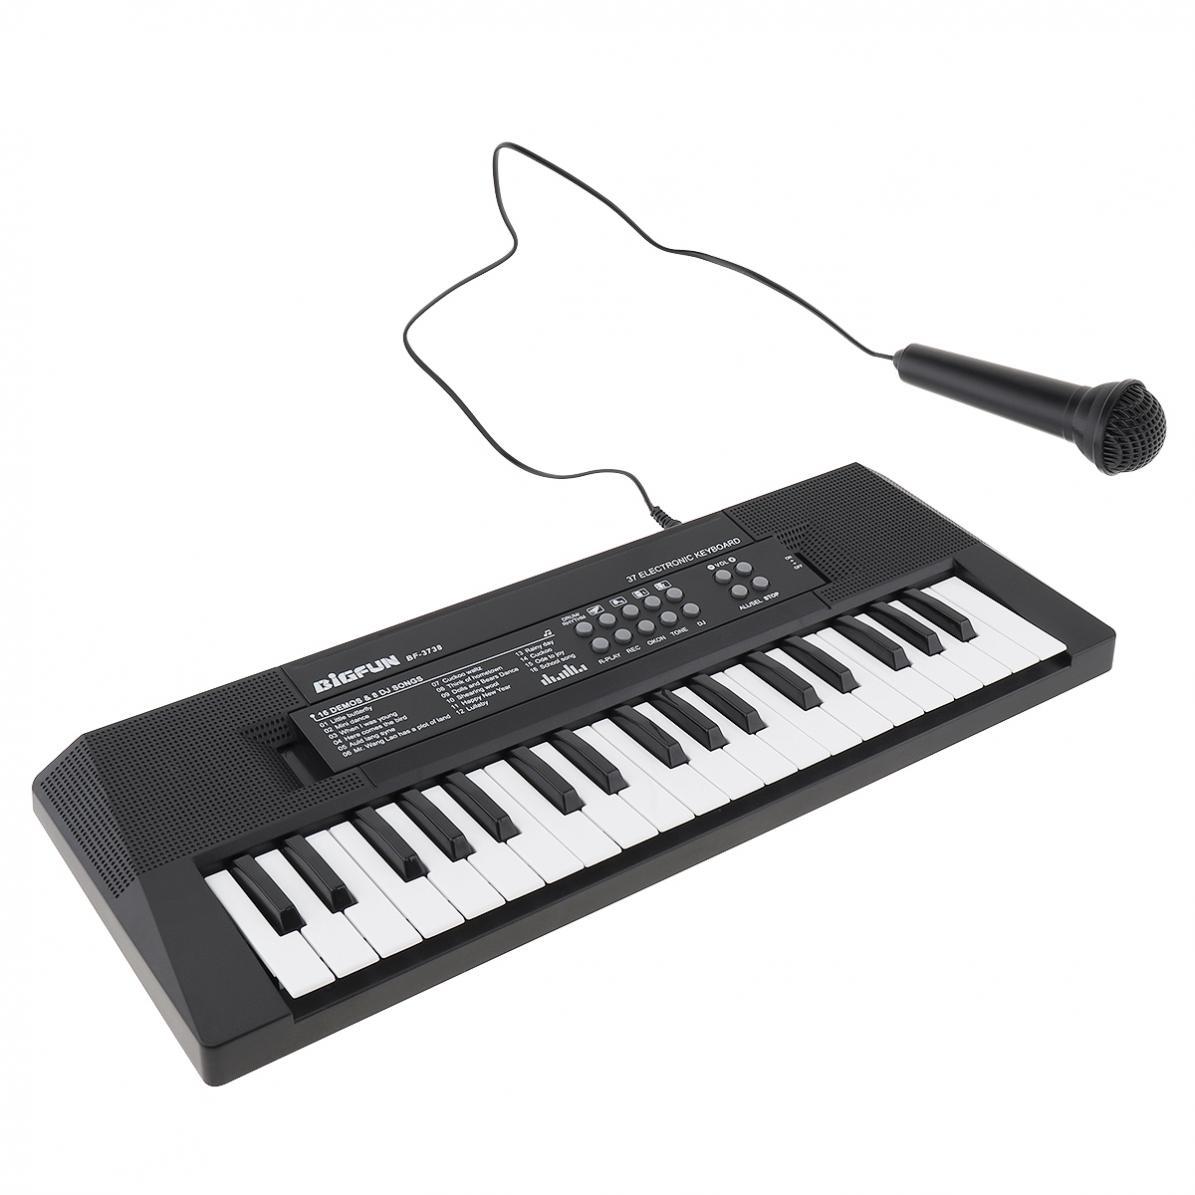 placa chave da música com microfone crianças presente iluminação musical